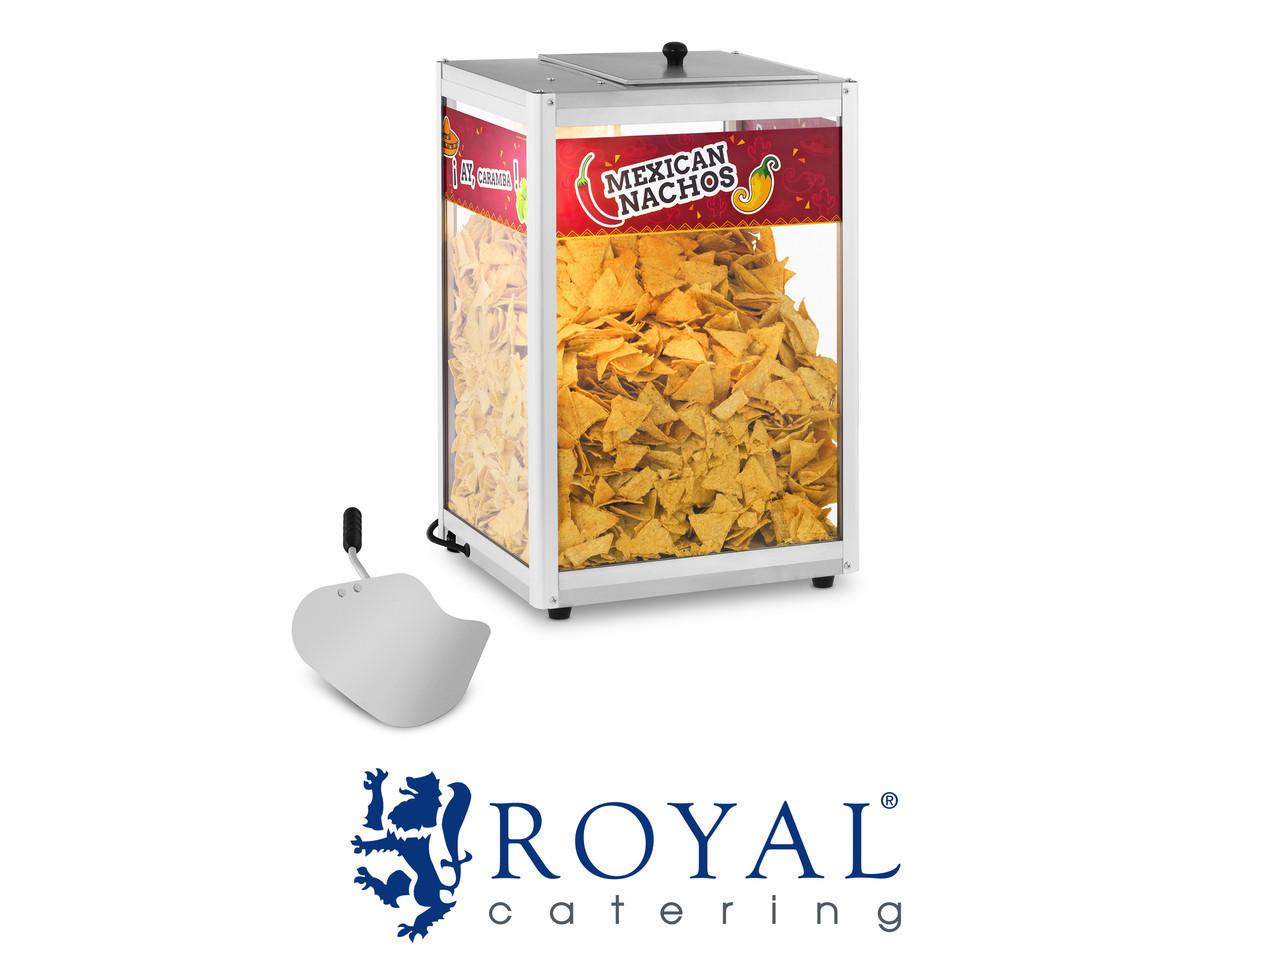 Нагреватель для nachos ROYAL